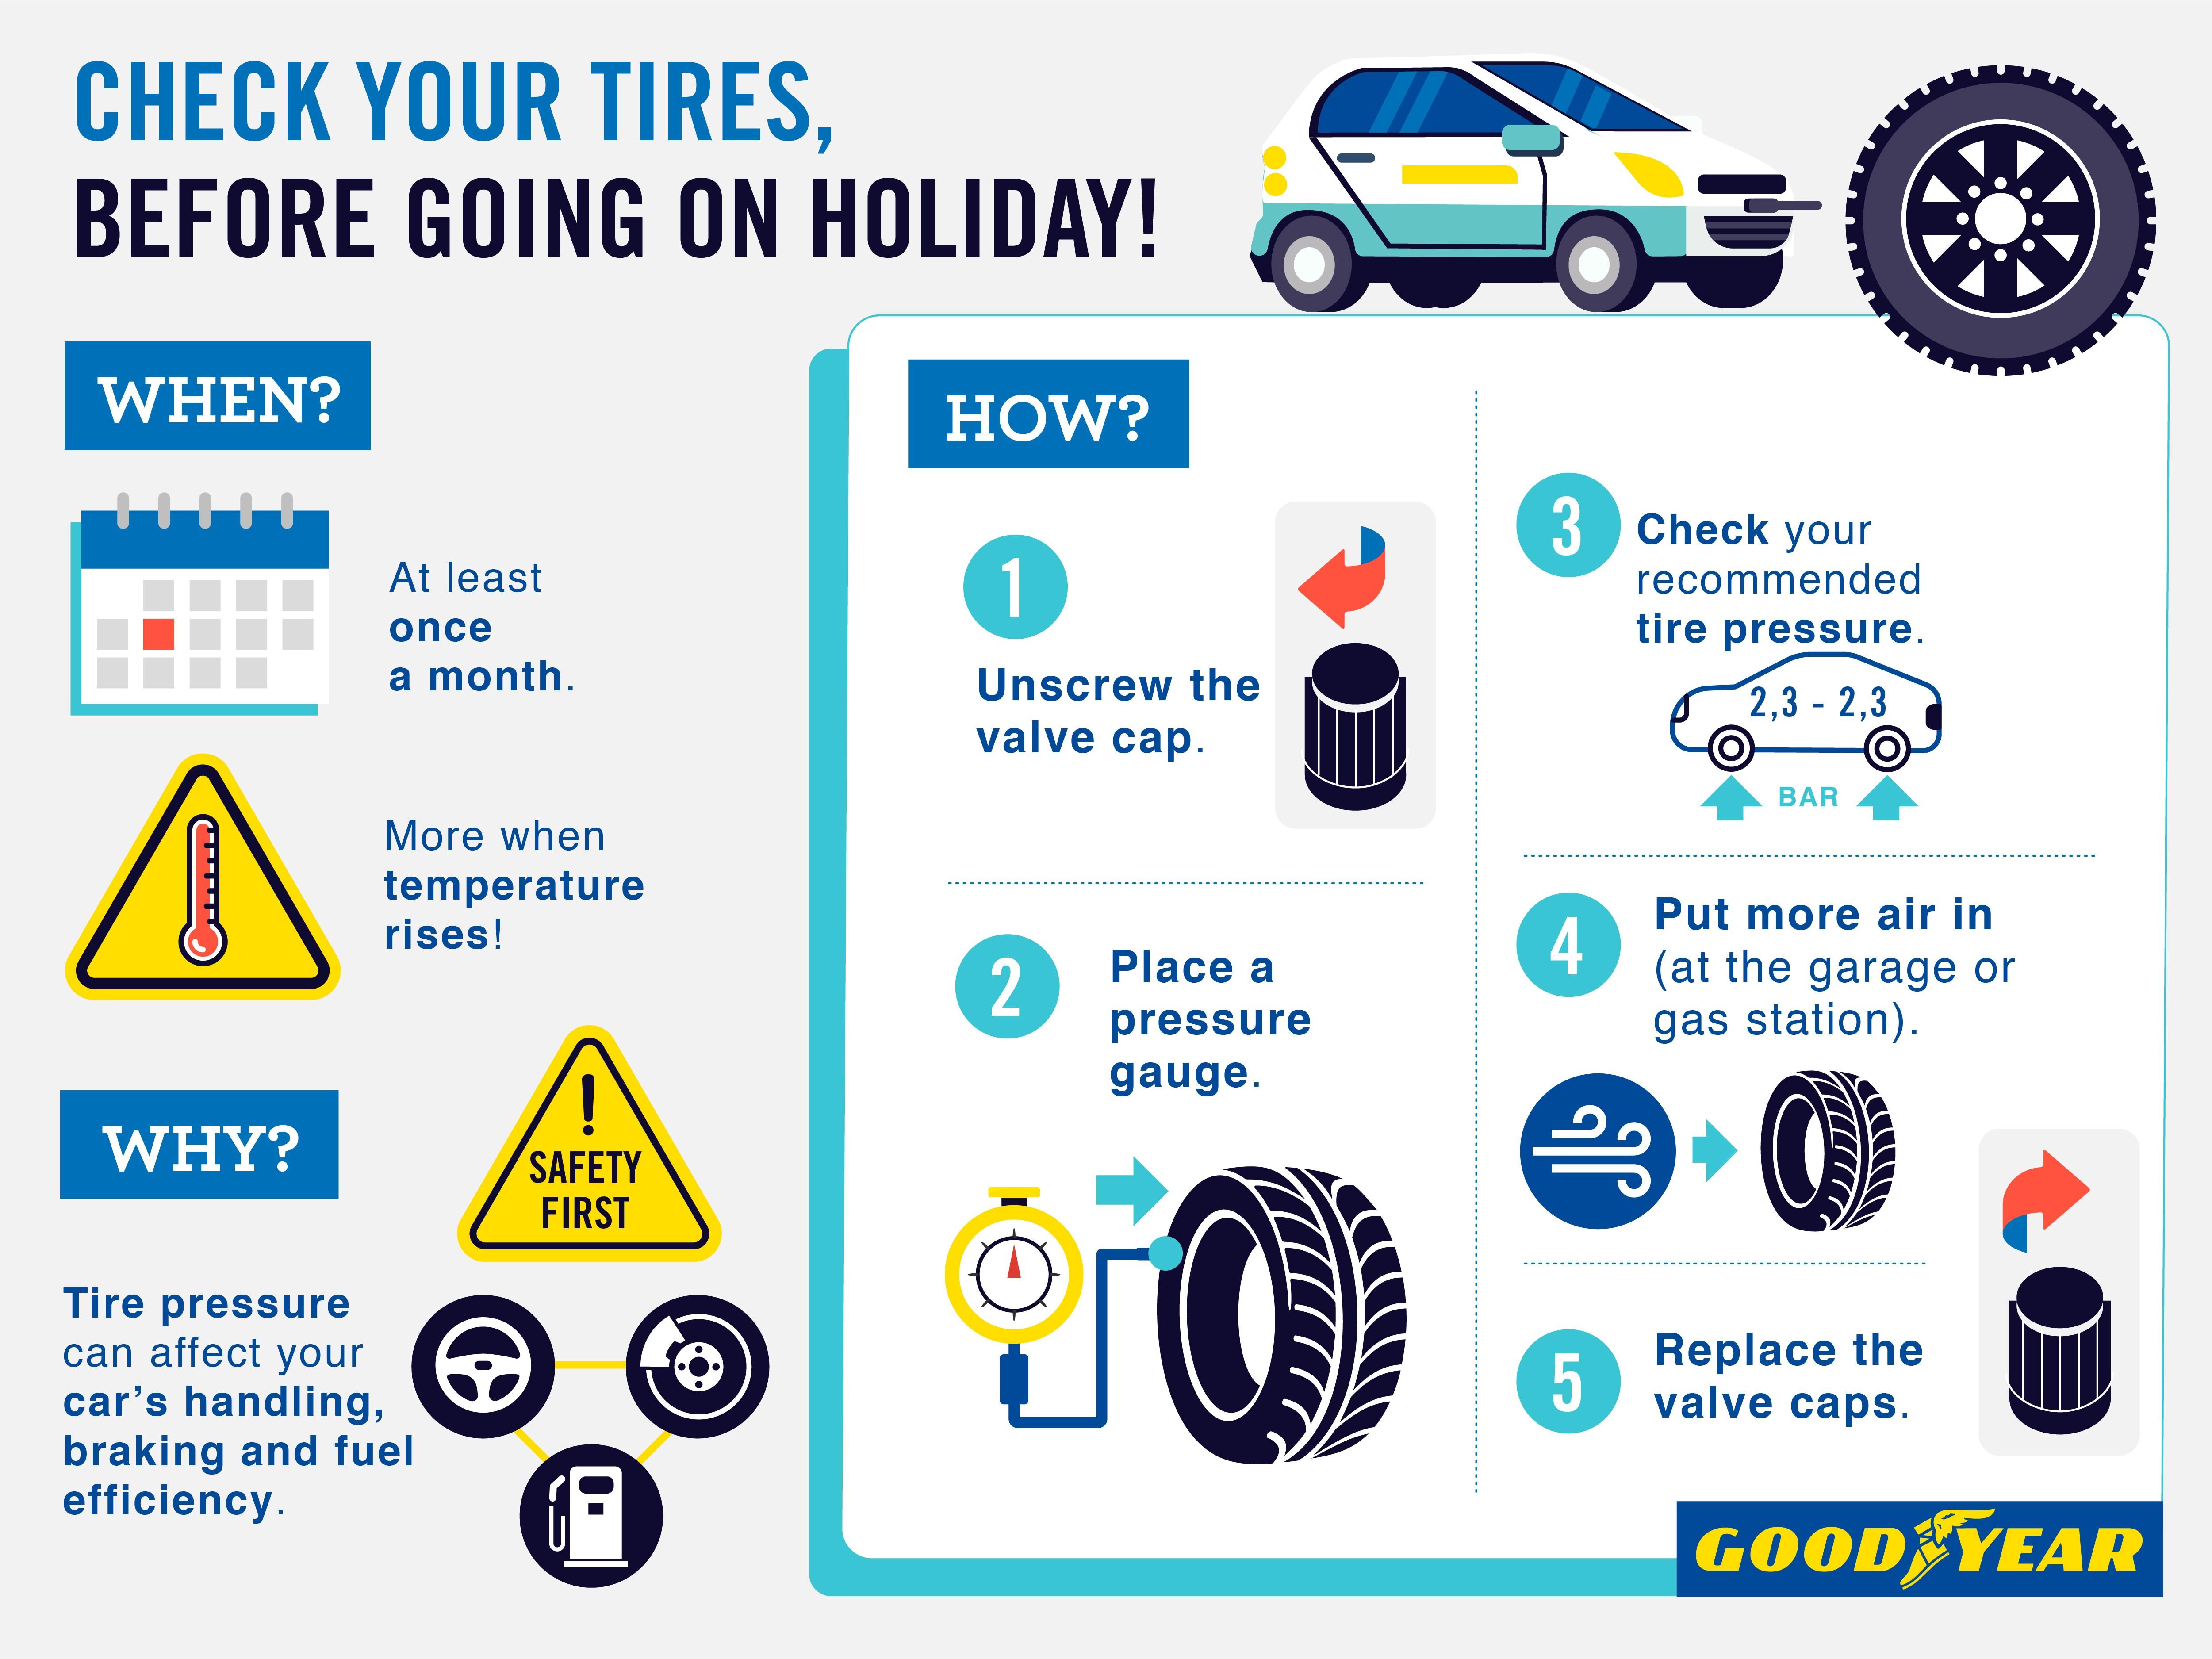 Οι τέσσερις συμβουλές της Goodyear πριν φύγετε για διακοπές